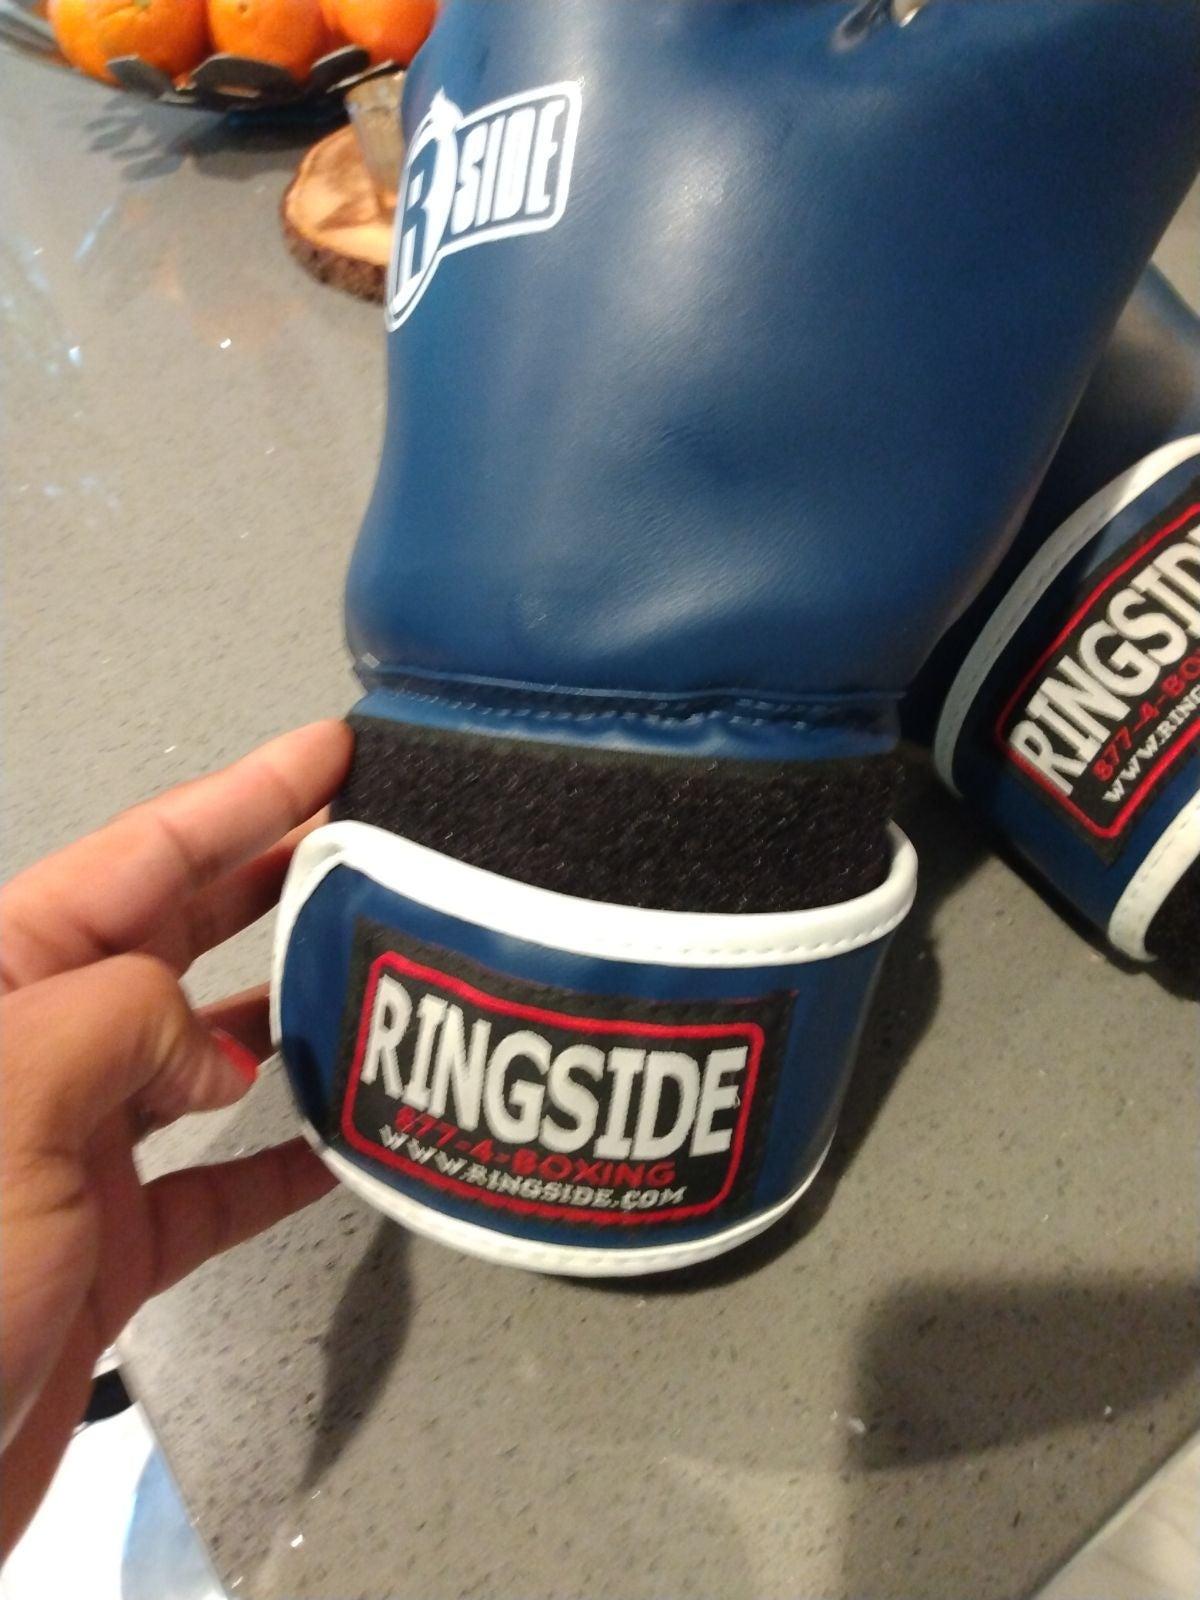 Ringside like new boxing gloves